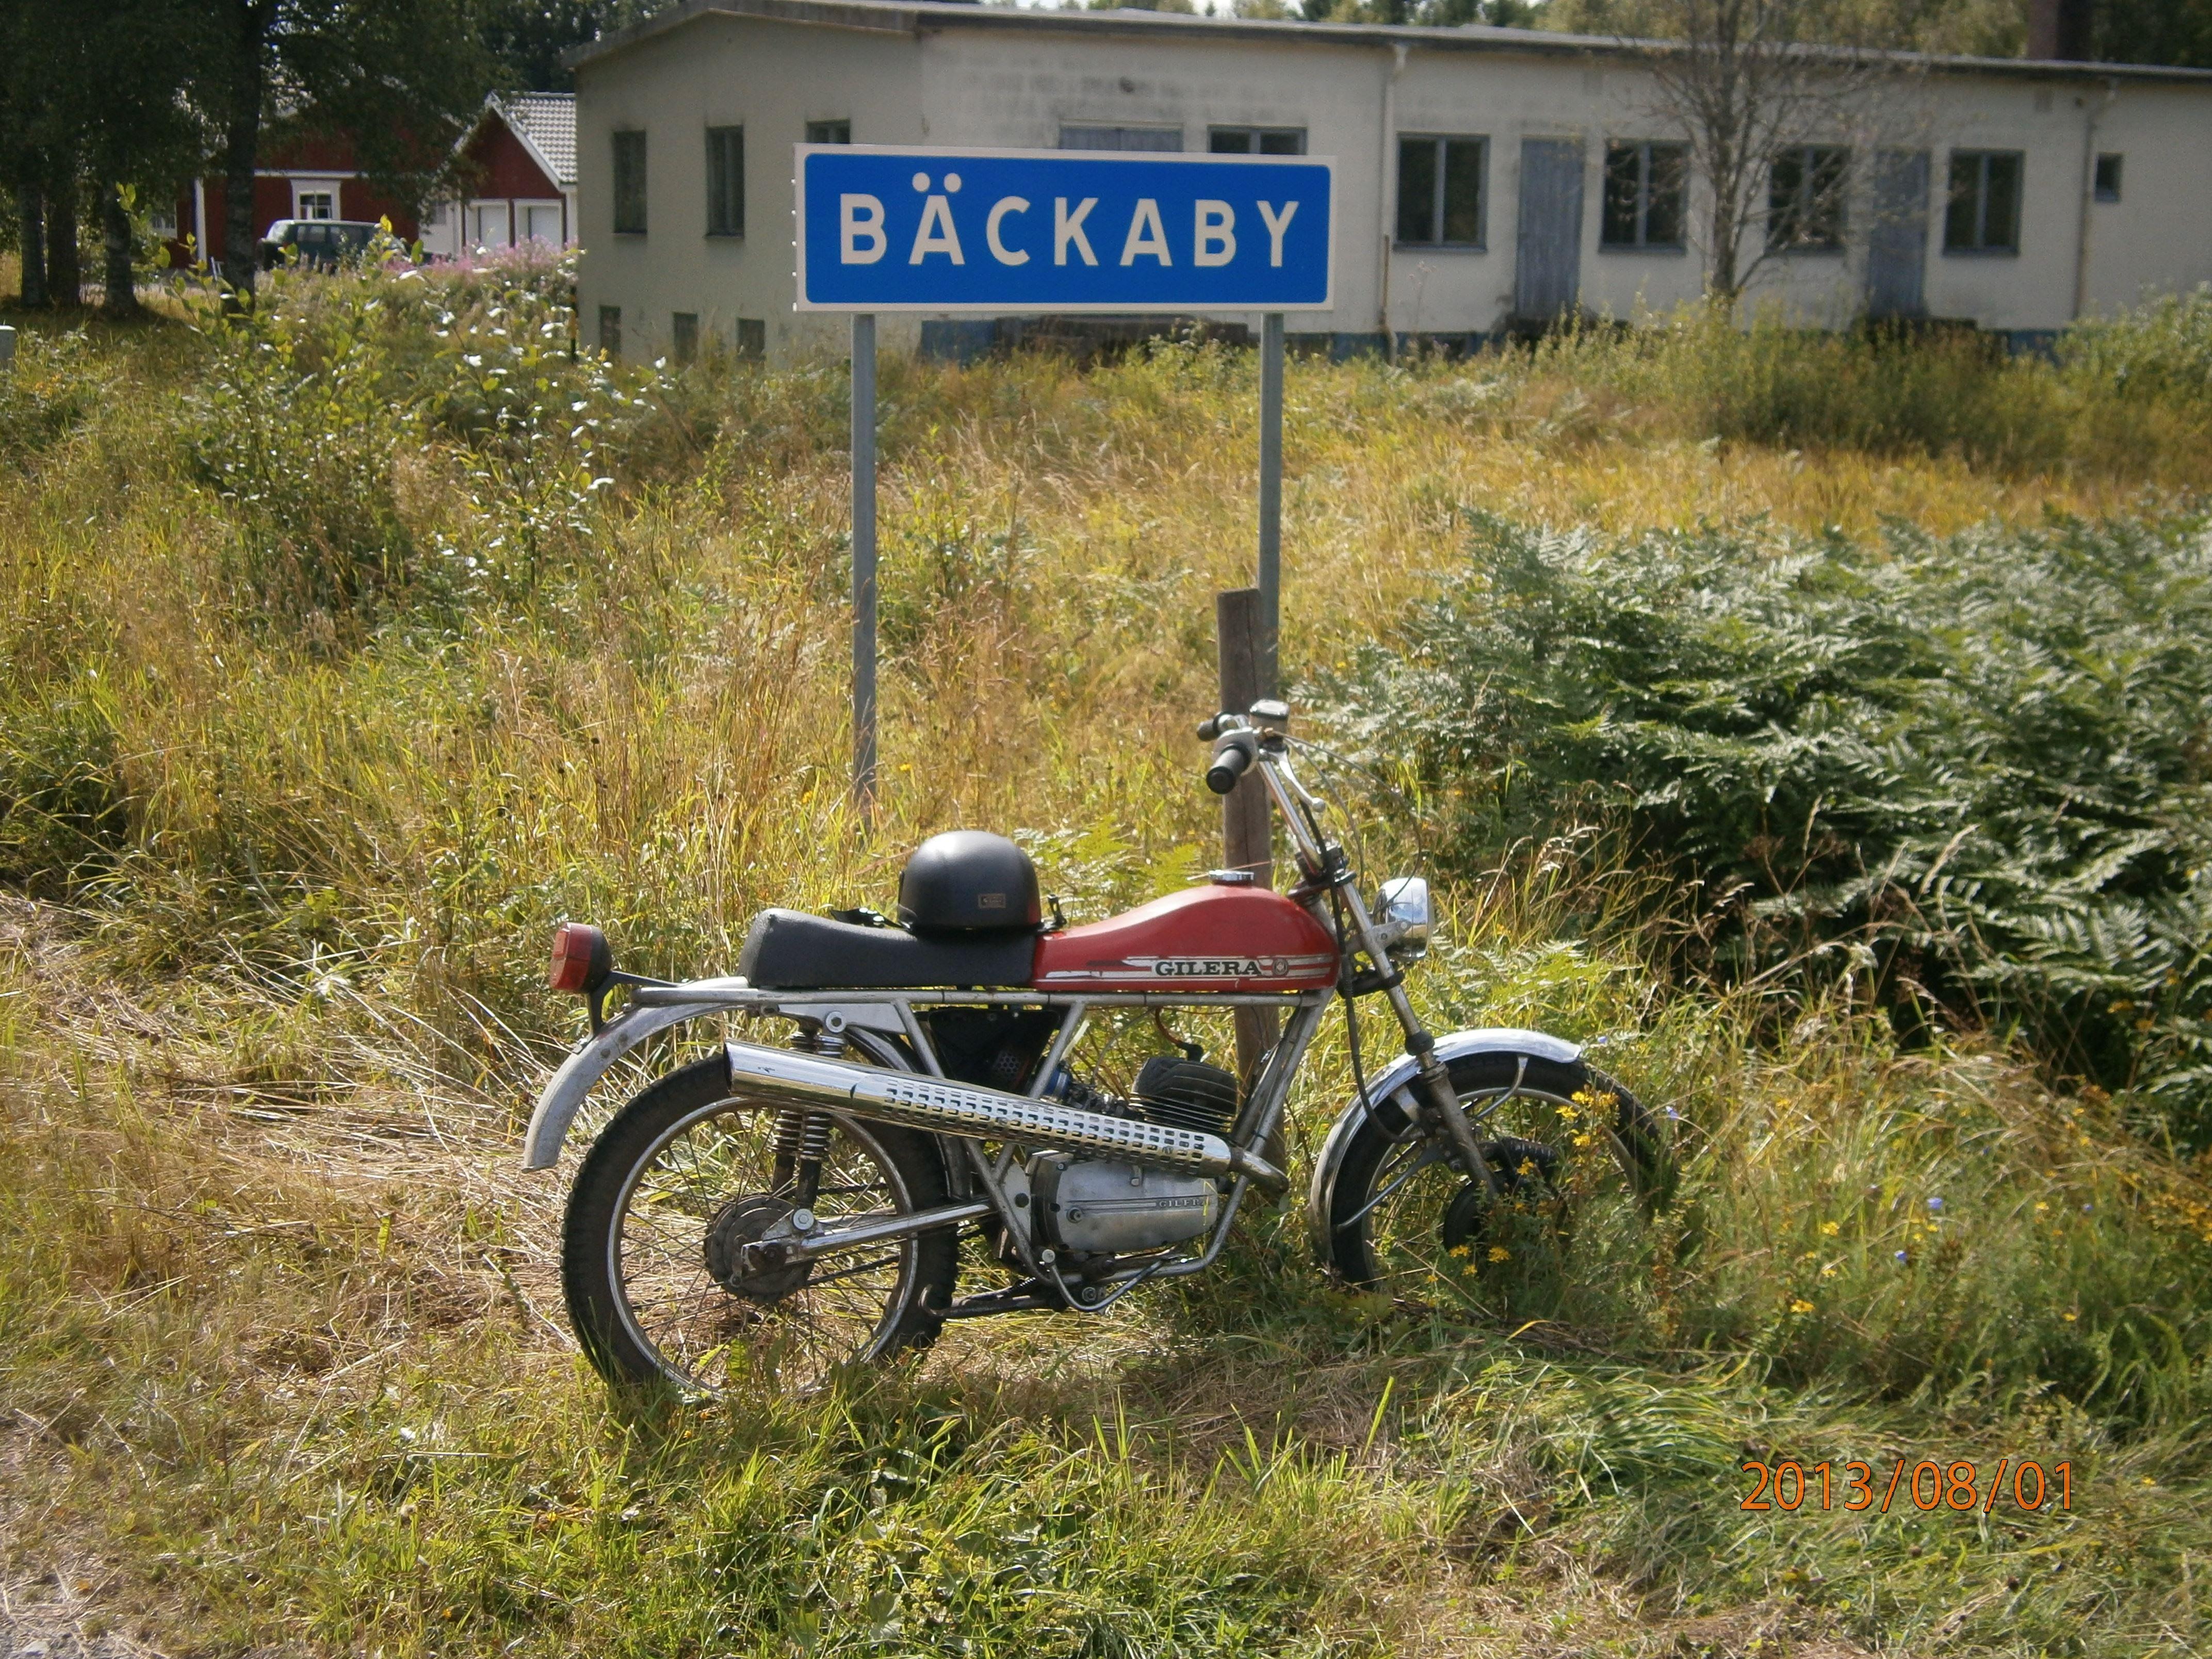 Lymlarnas moped & traktorrally